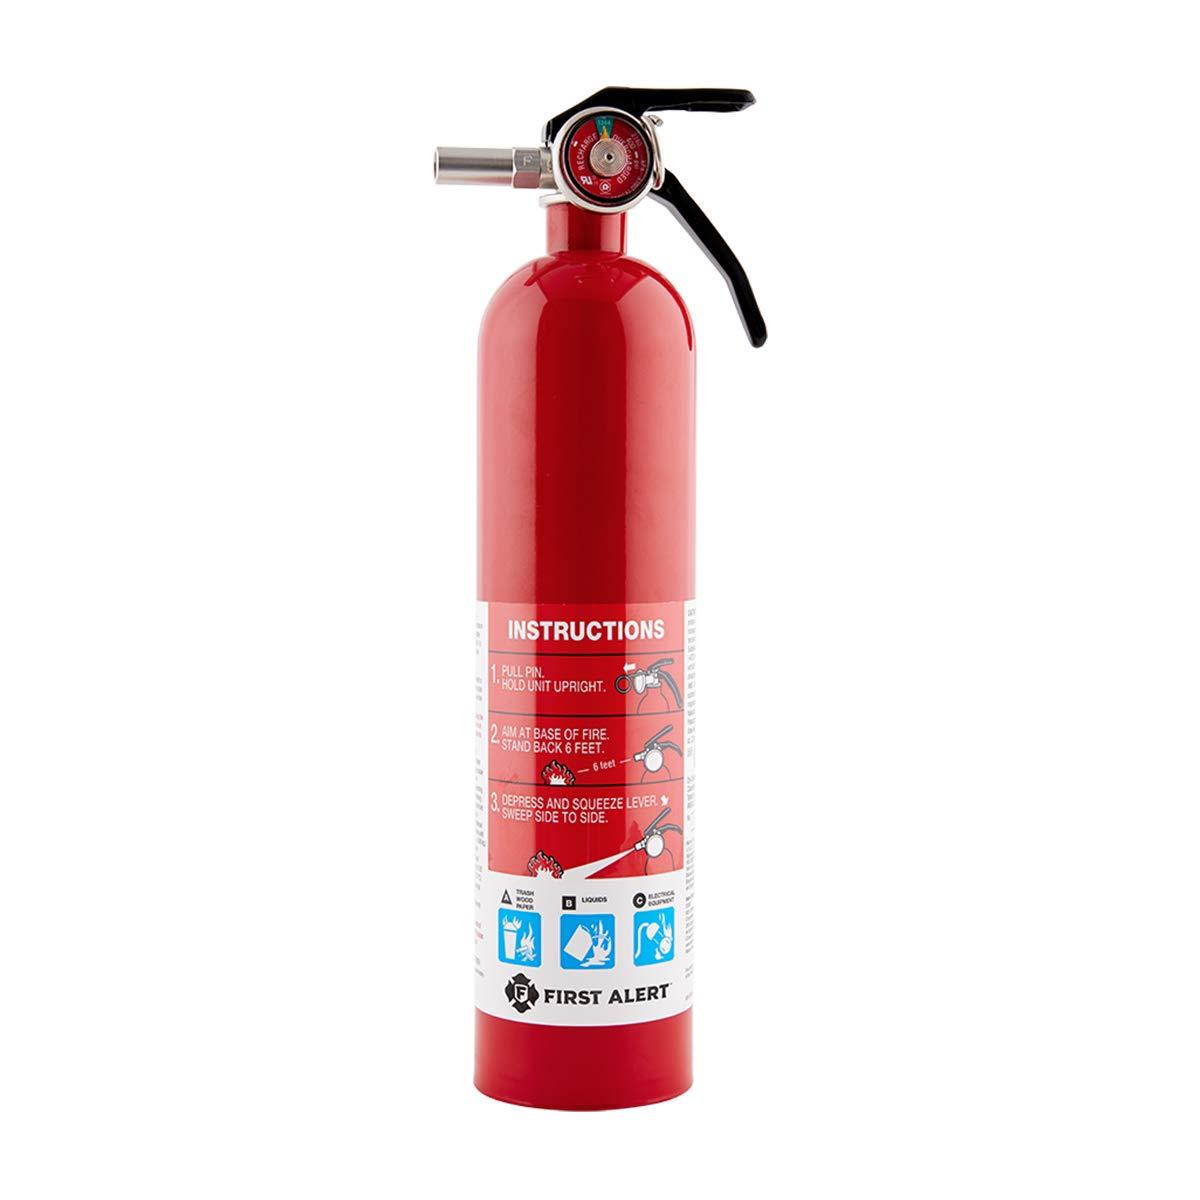 First Alert Fire Extinguisher | Standard HomeFireExtinguisher, Red, 1038789